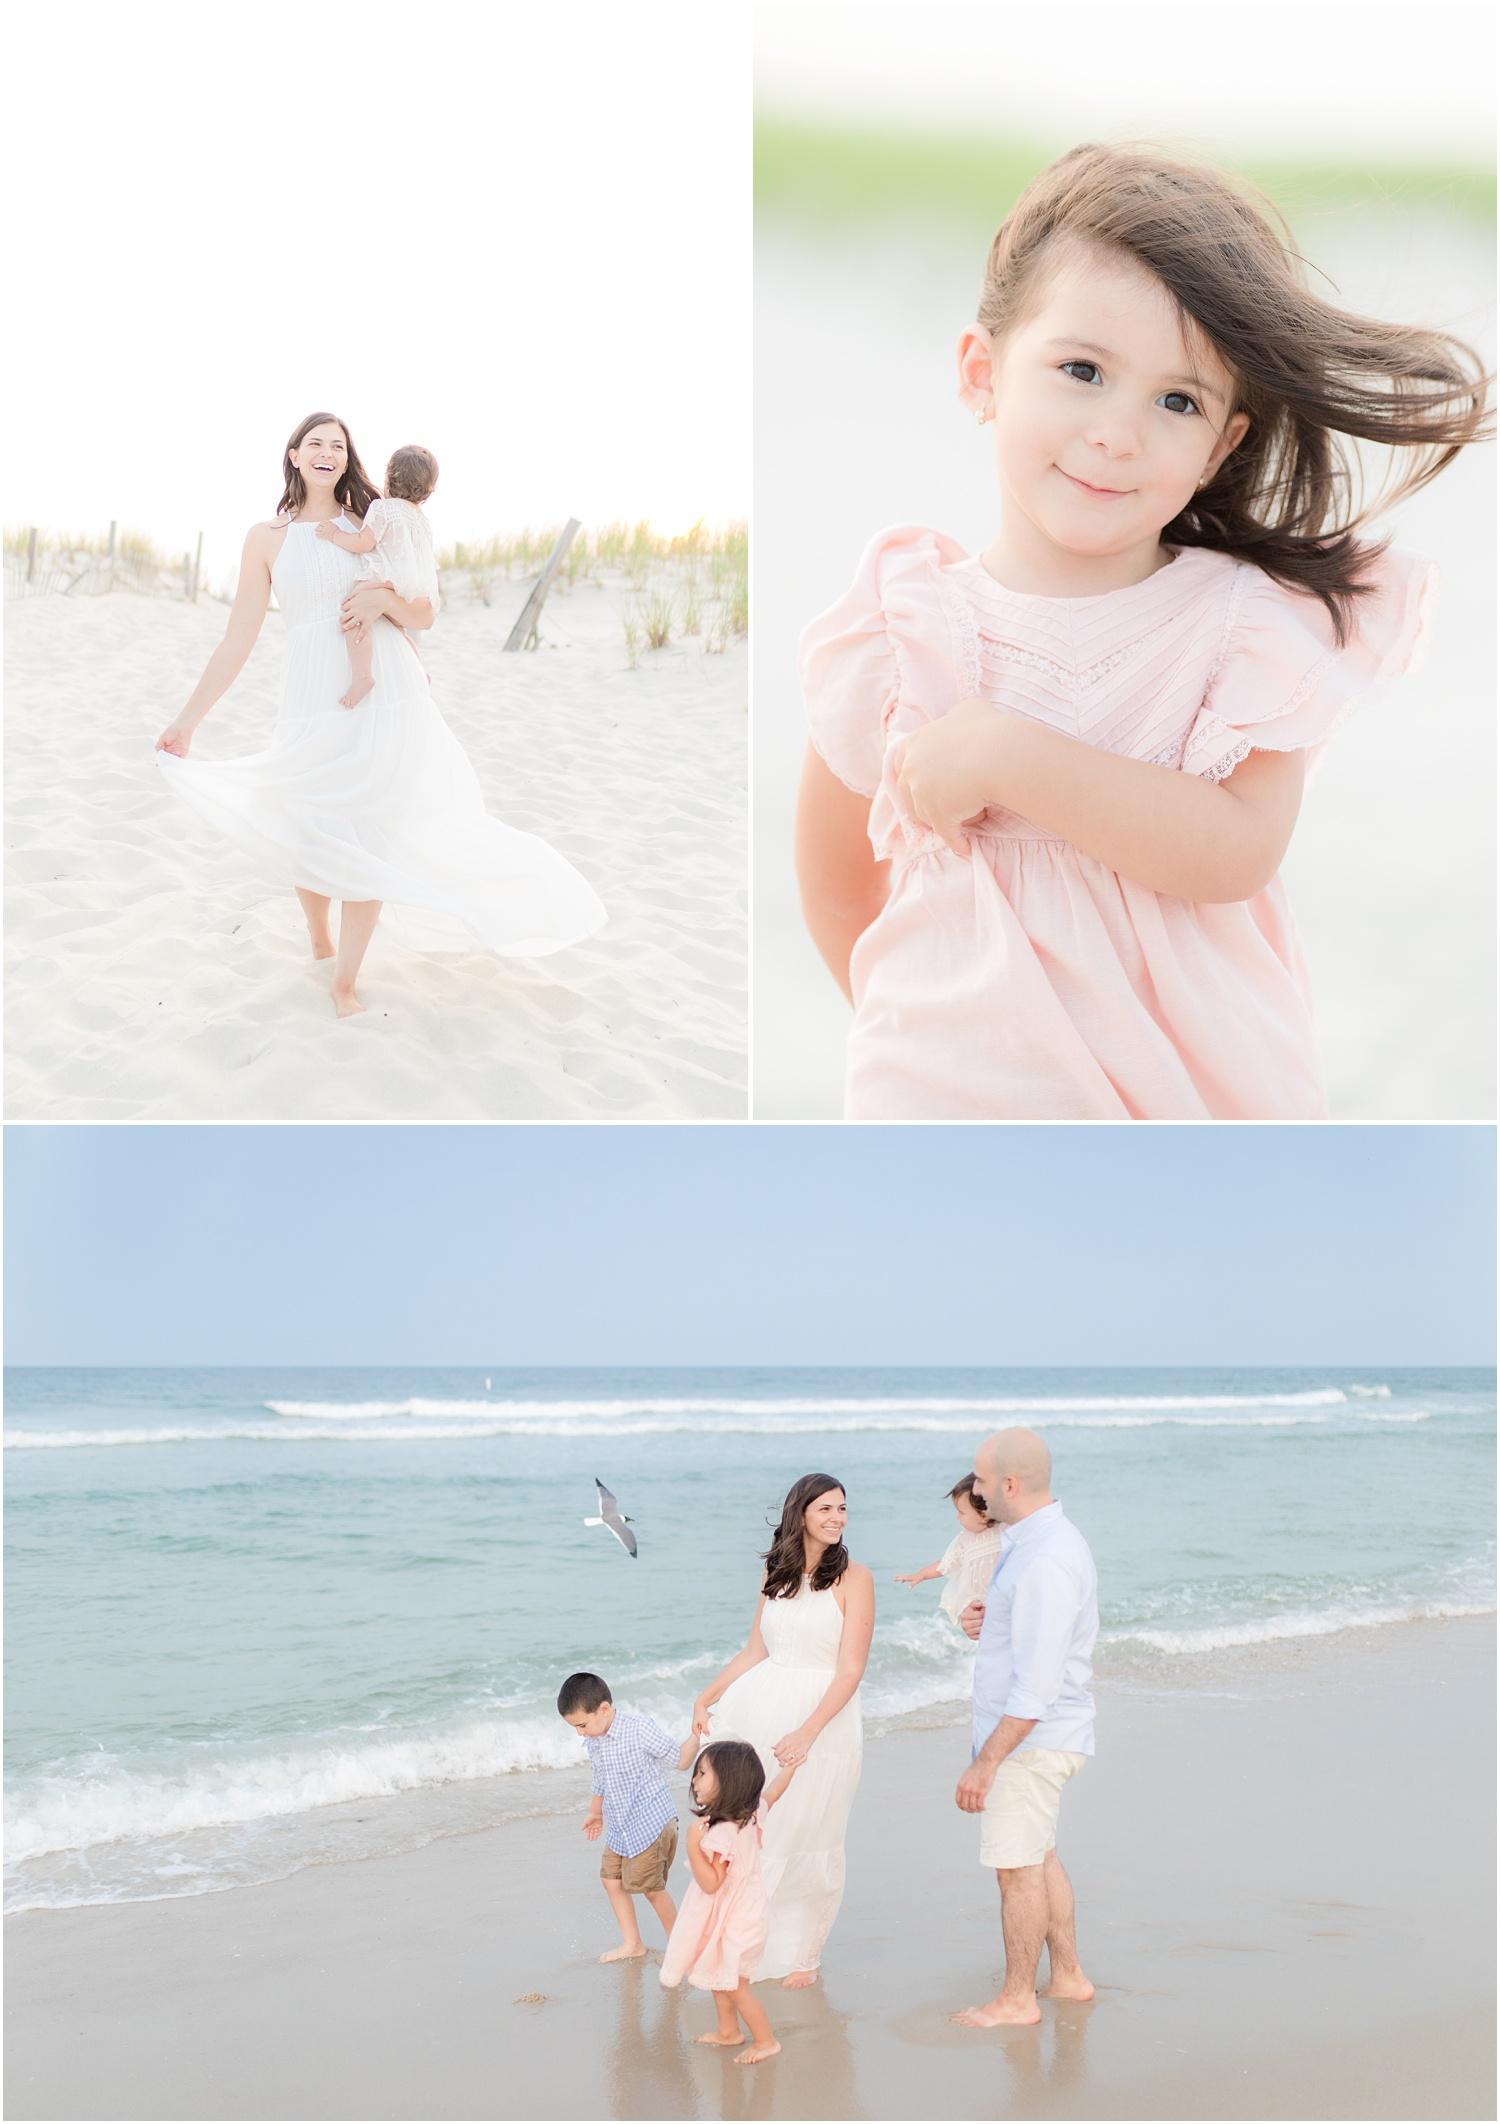 playful family beach photos in Seaside Park.